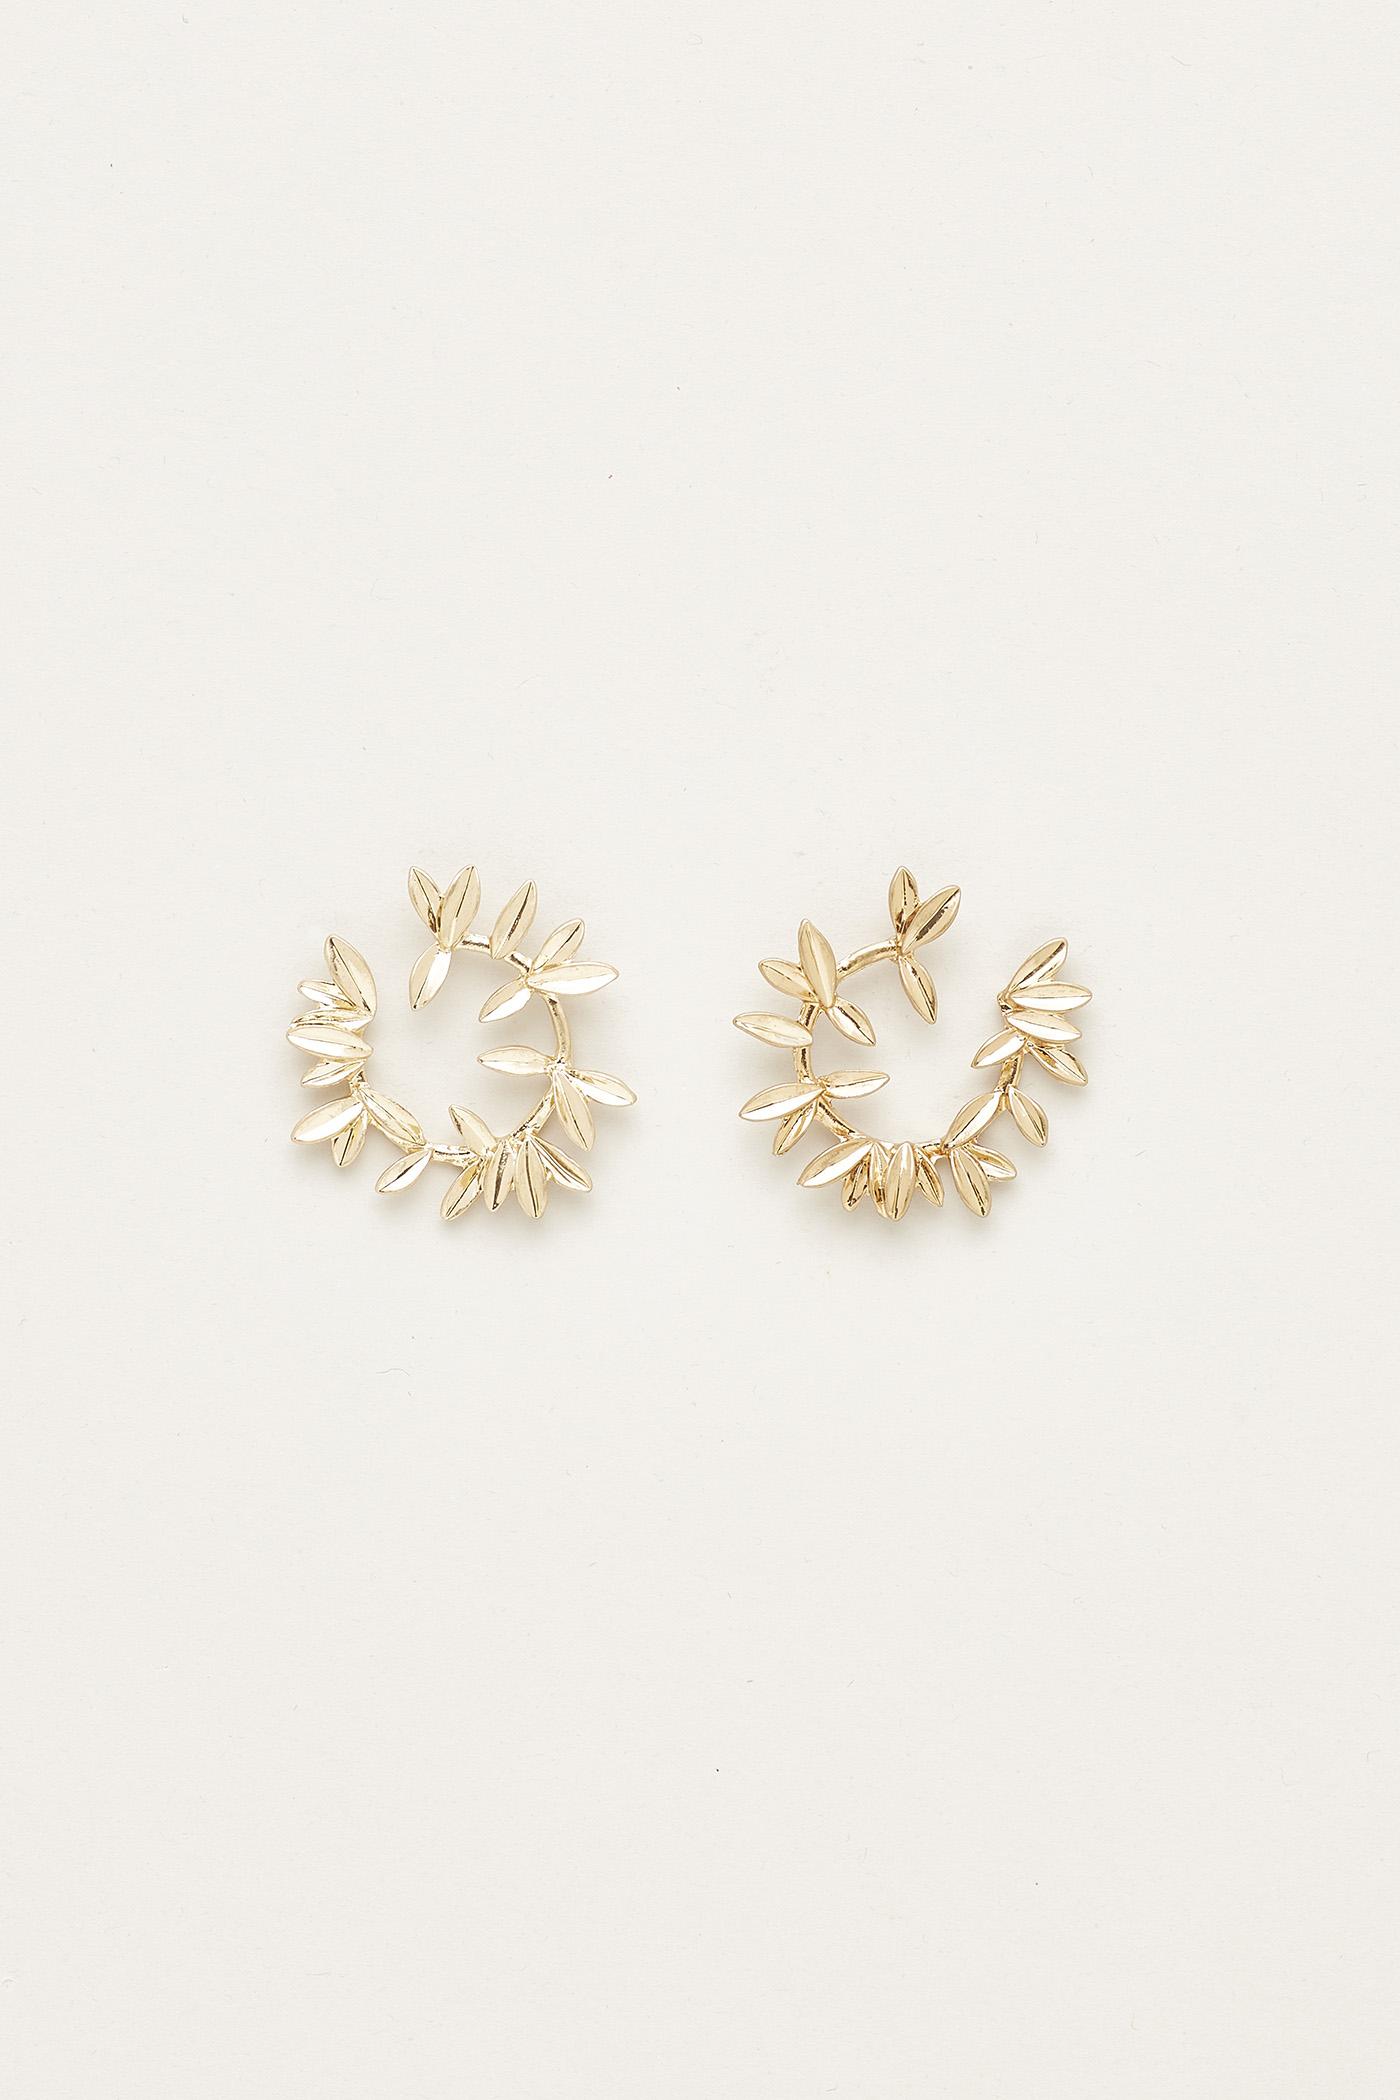 Deana Foliage Earrings